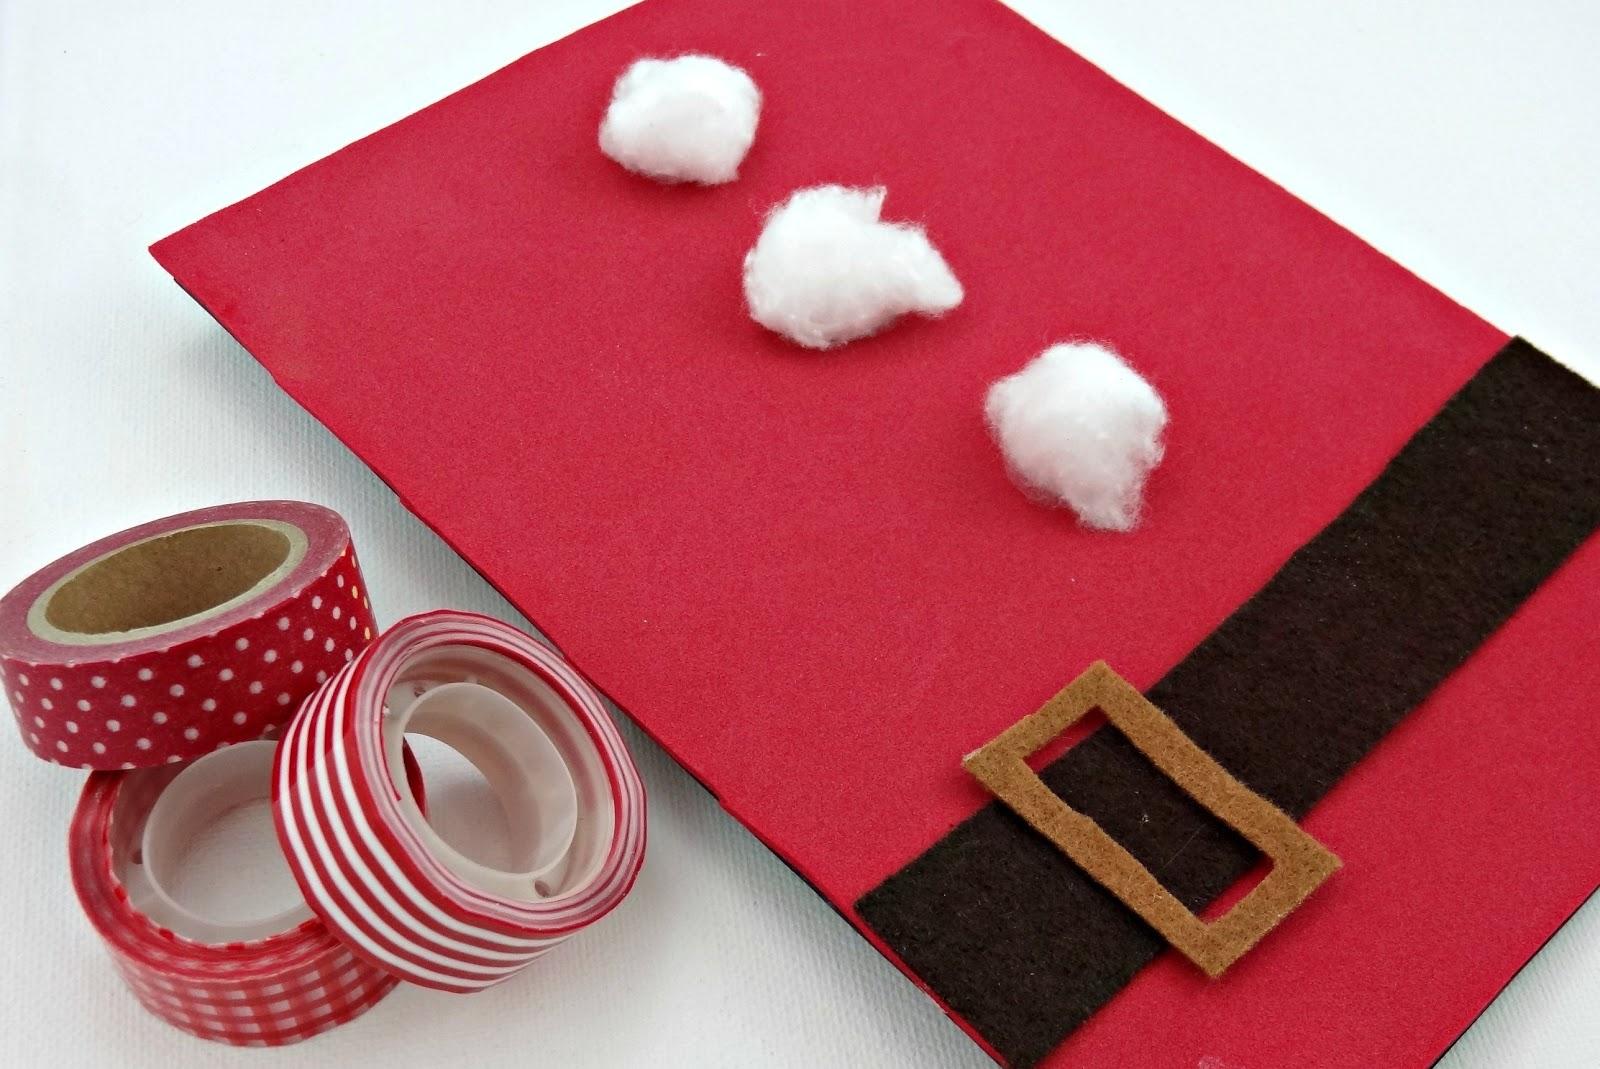 Celebra con ana compartiendo experiencias creativas - Tarjetas de navidad manuales ...